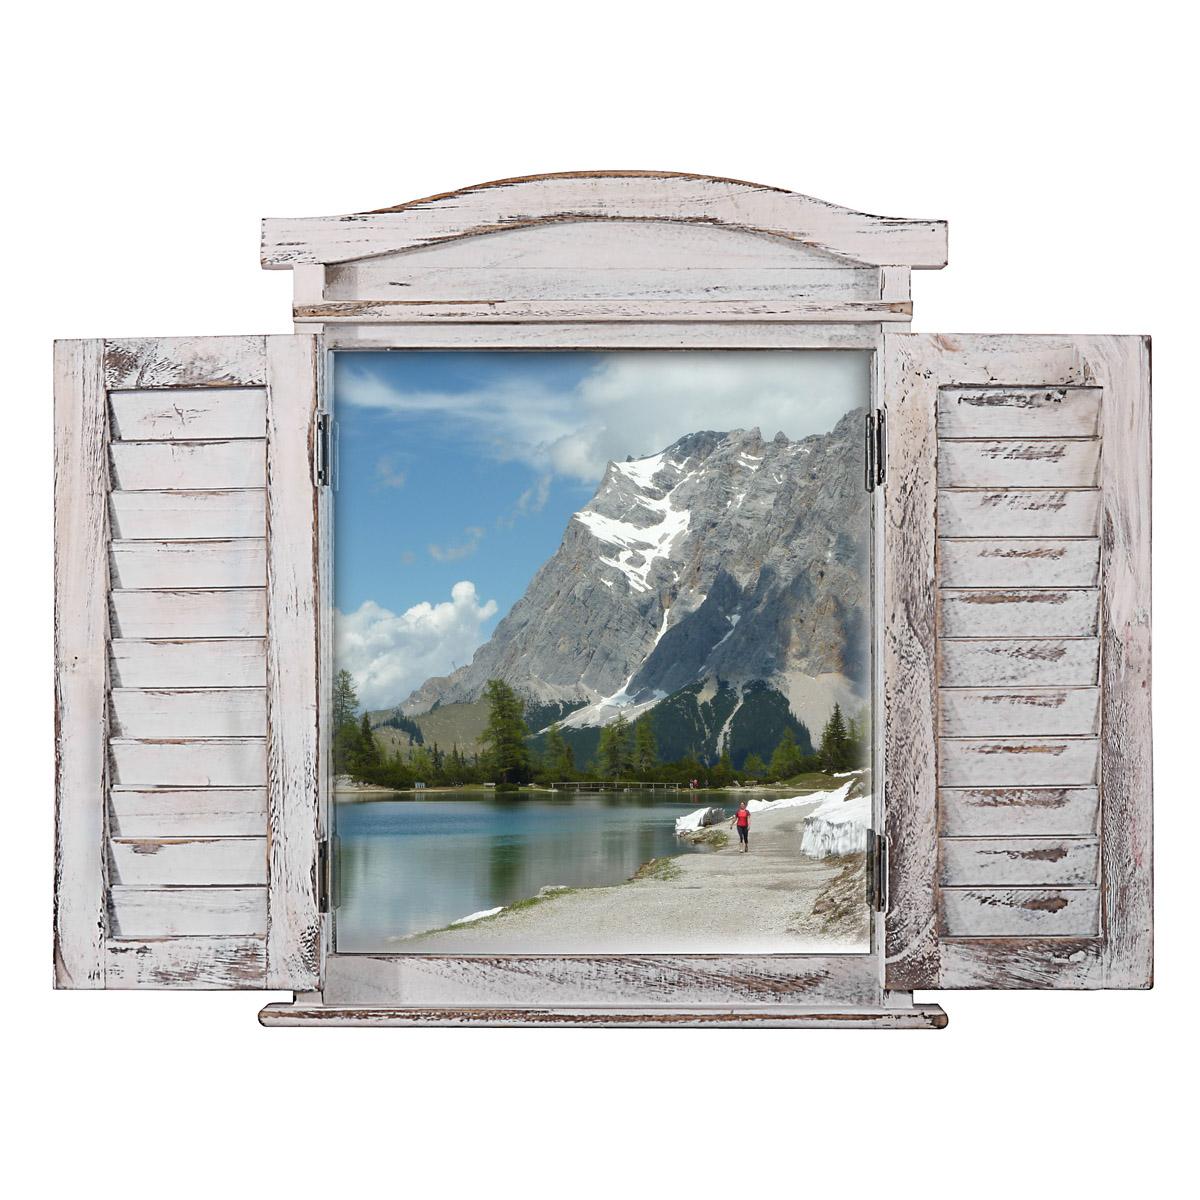 Wandspiegel Spiegelfenster mit Fensterläden 53x42x5cm ~ weiß shabby